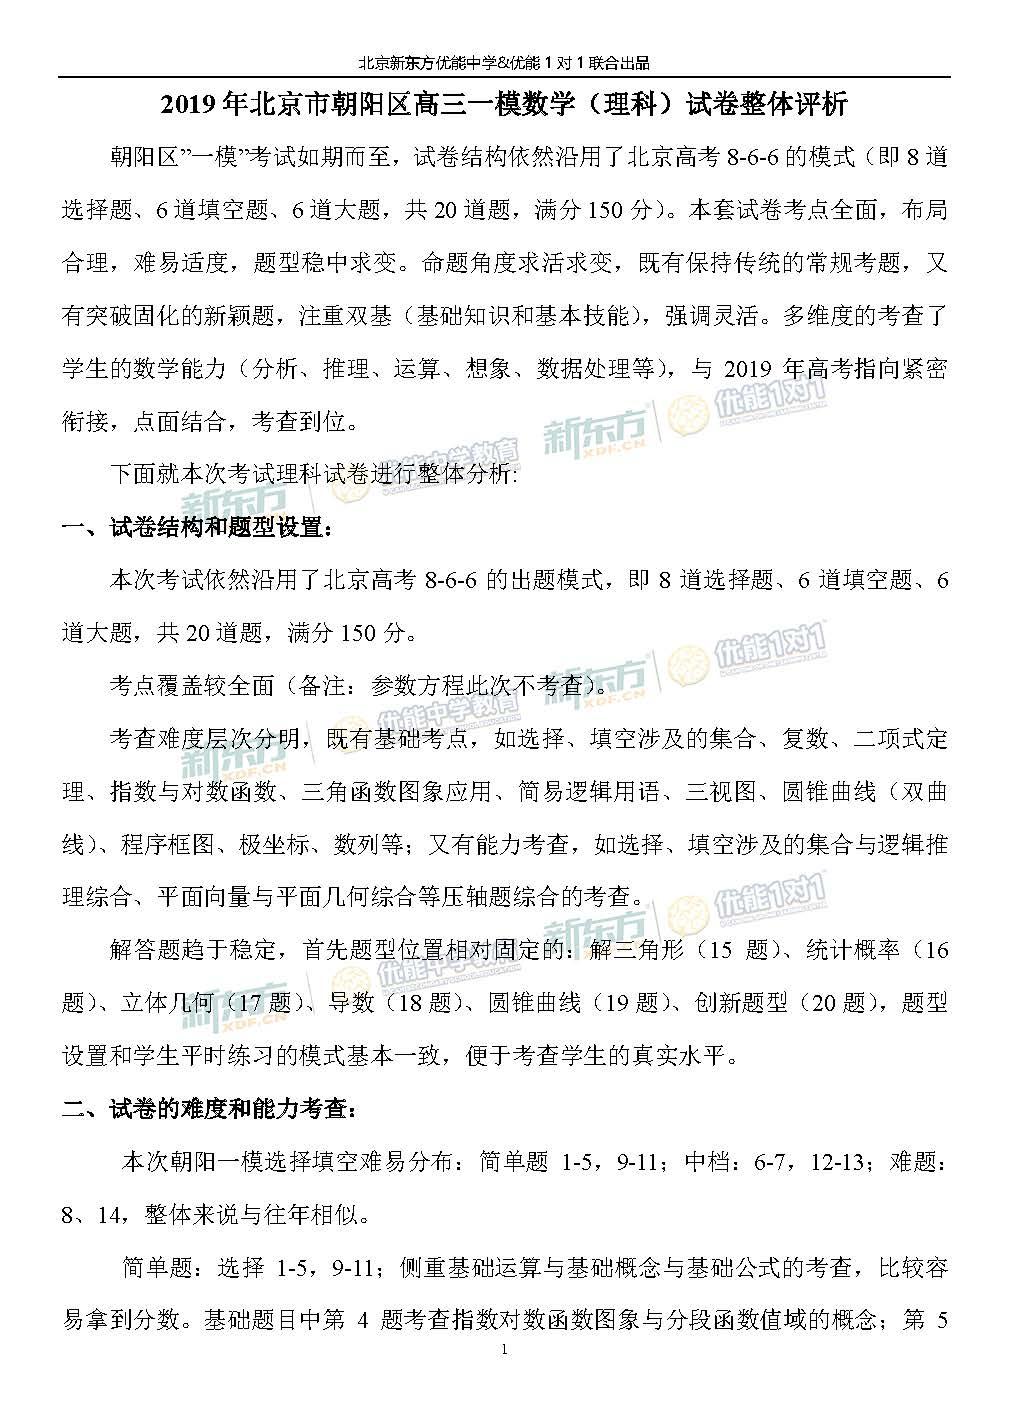 新东方:2019北京朝阳高三一模数学理试卷整体评析